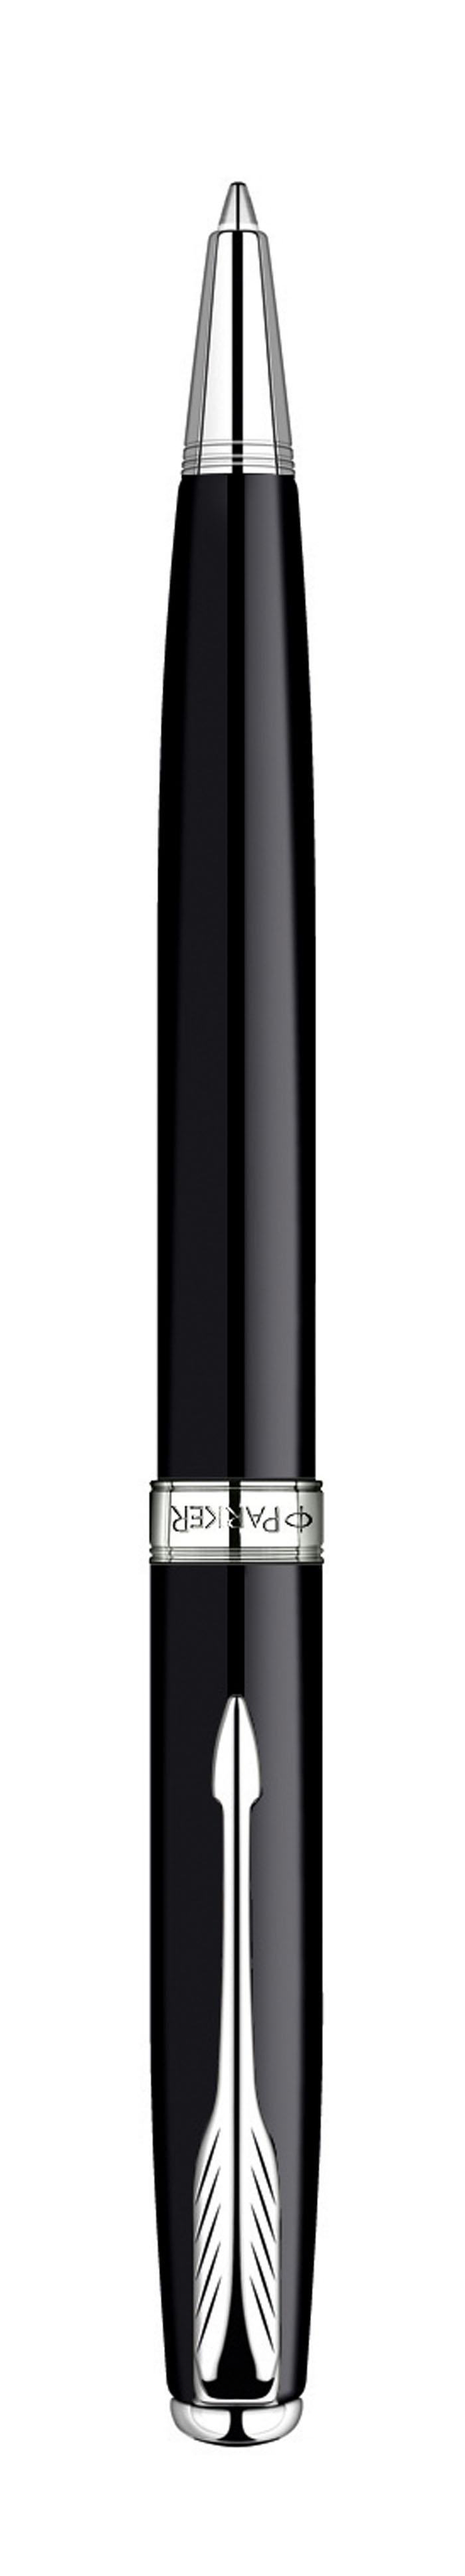 Ручка шариковая Sonnet Black Laque CT. PARKER-S080883072523WDШариковая ручка Паркер Соннет Блэк Лак Си Ти. Инструмент для письма, линия письма - средняя, цвет чернил черный, в подарочной упаковке. Произведено во Франции.